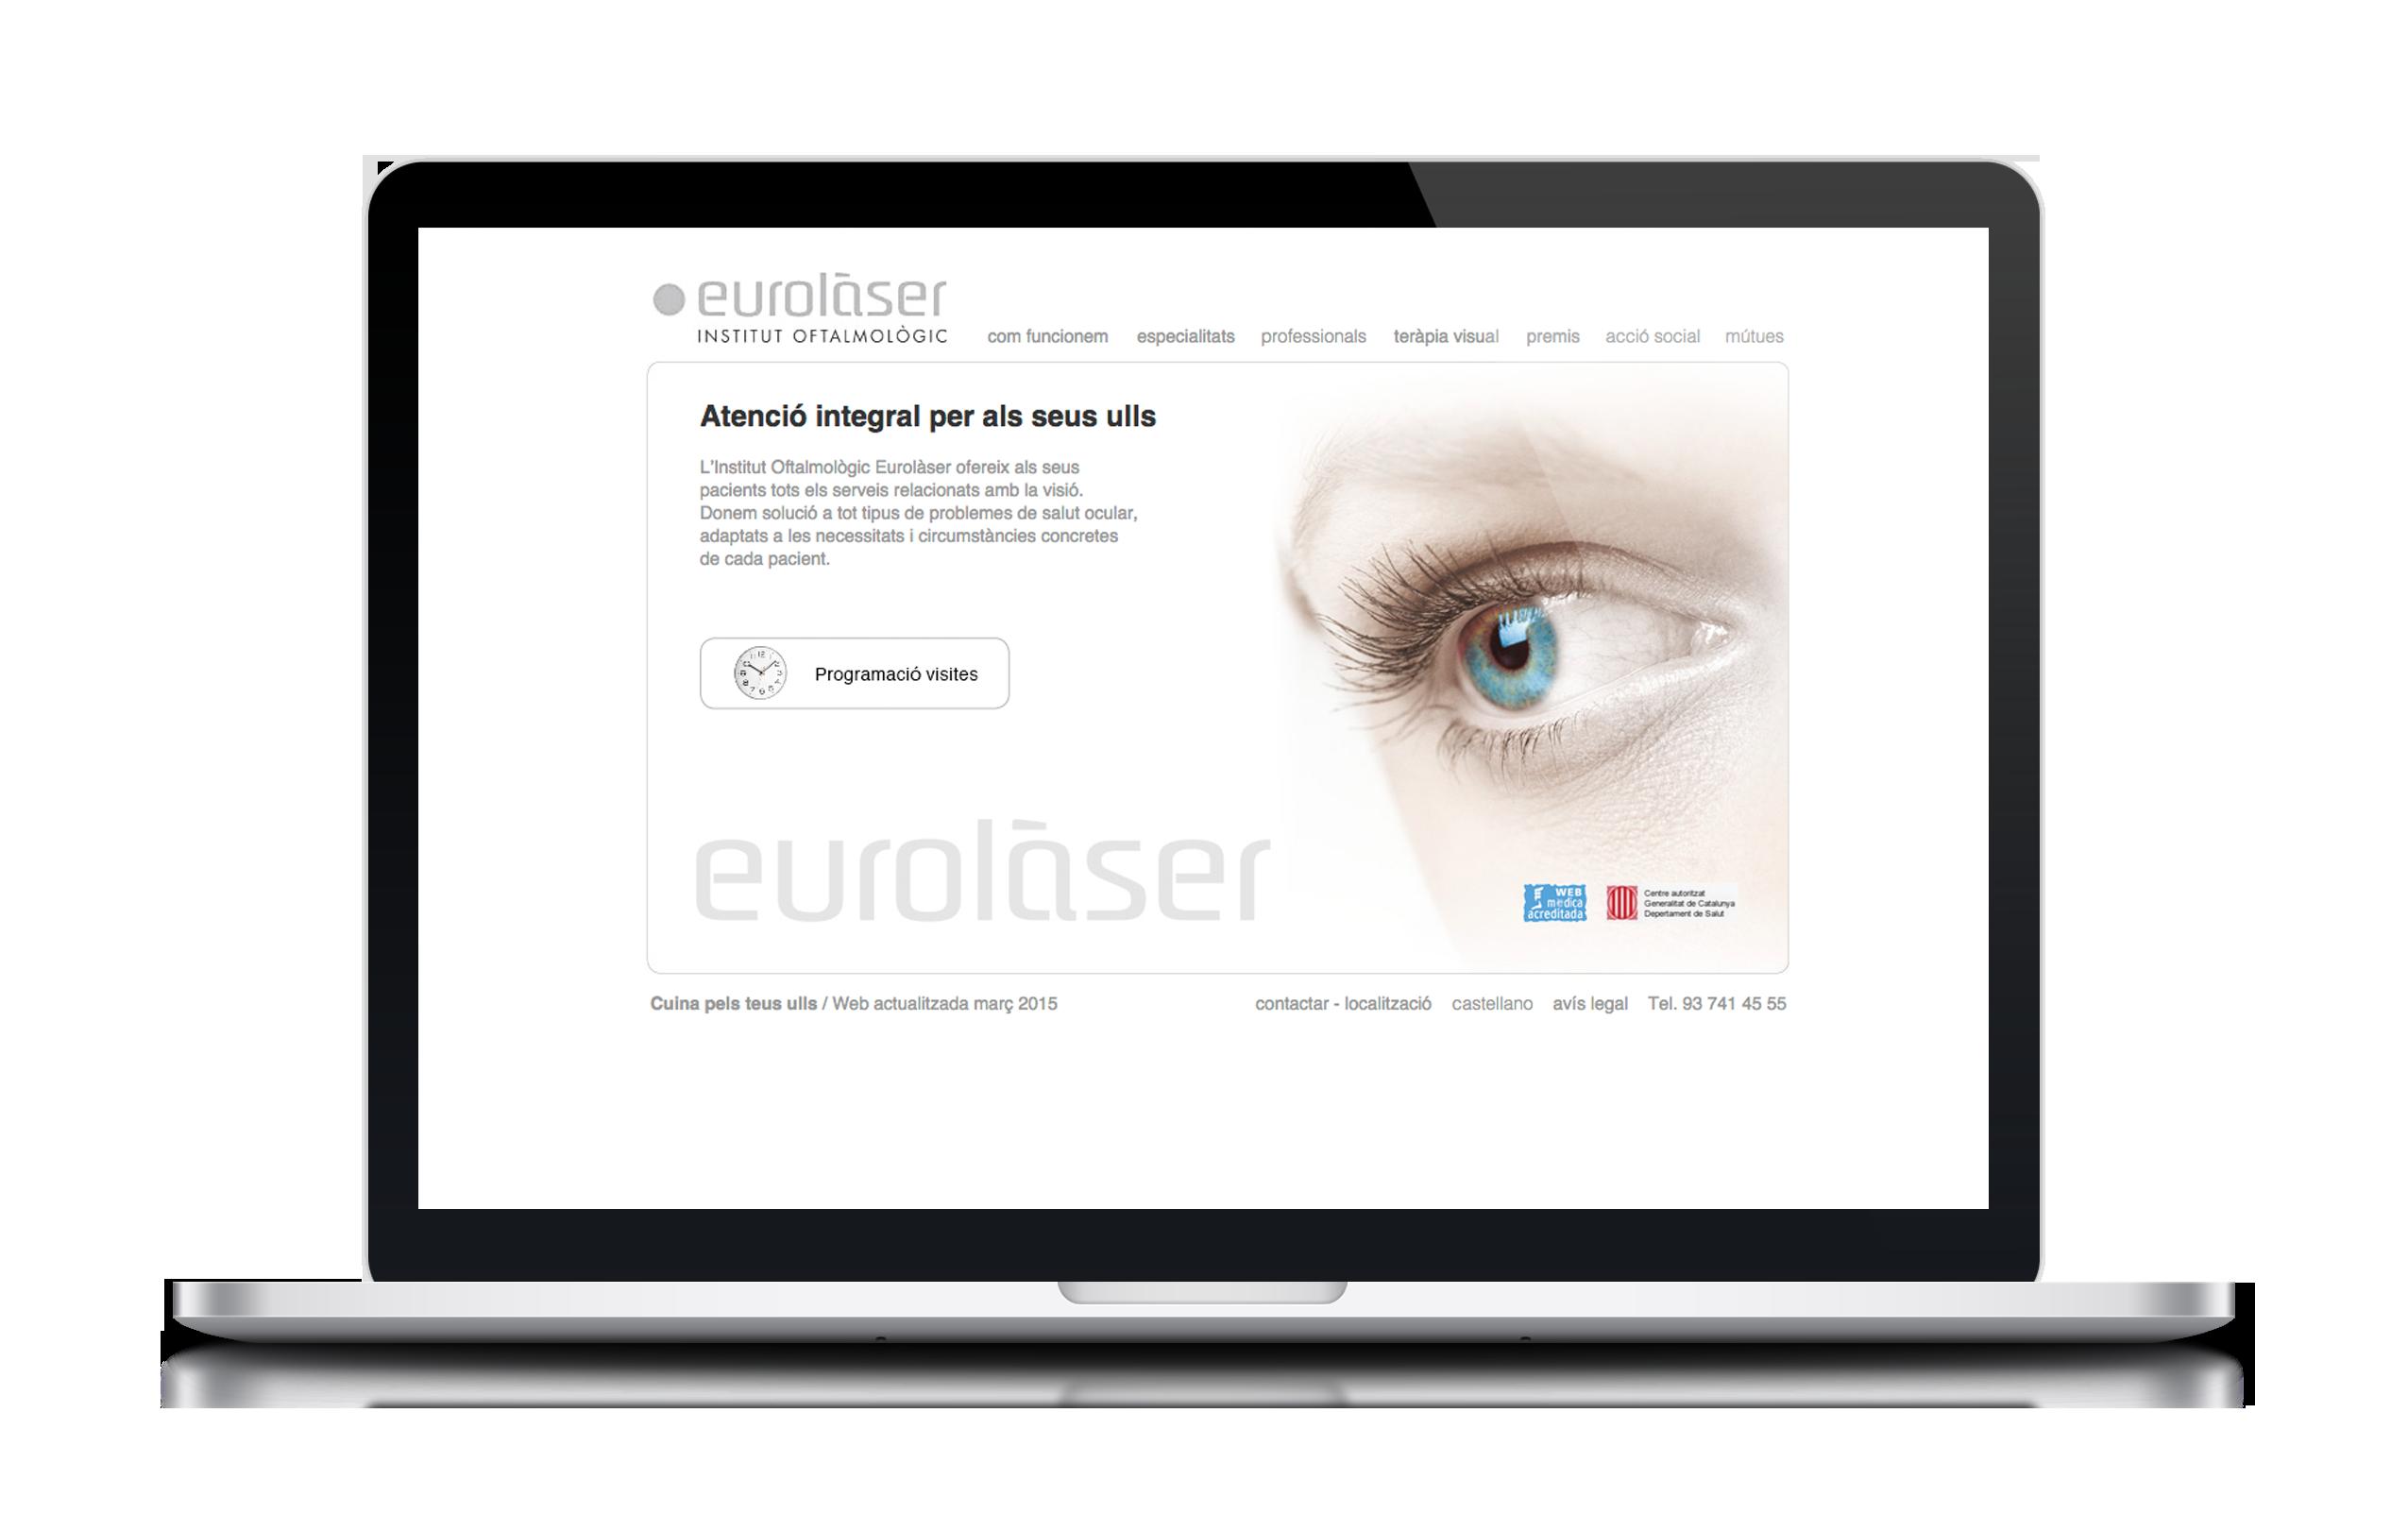 eurolaser1.png